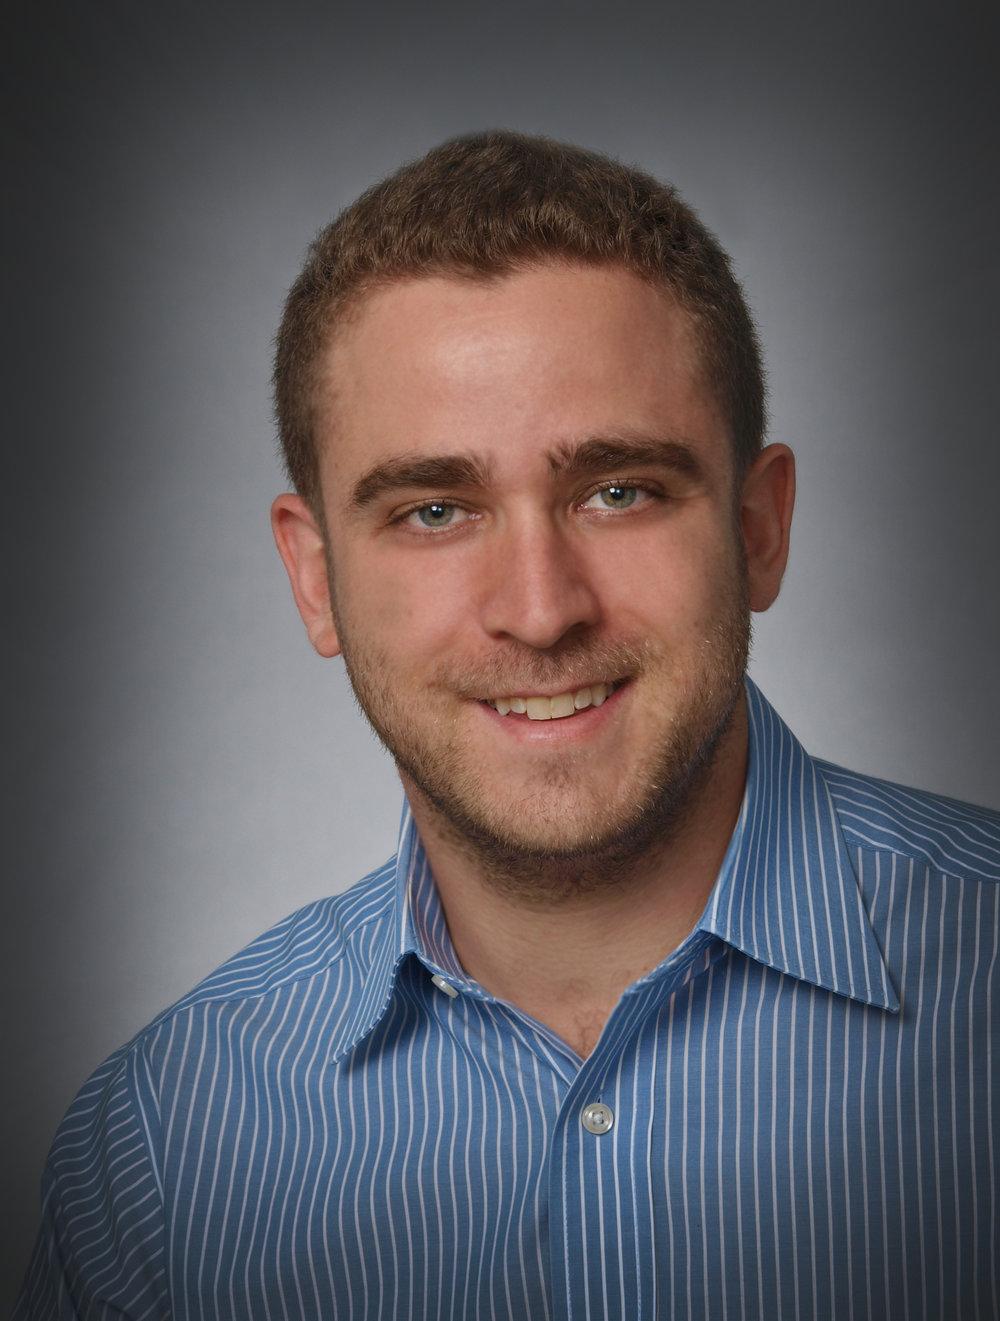 Brody Ehrlich 004.JPG